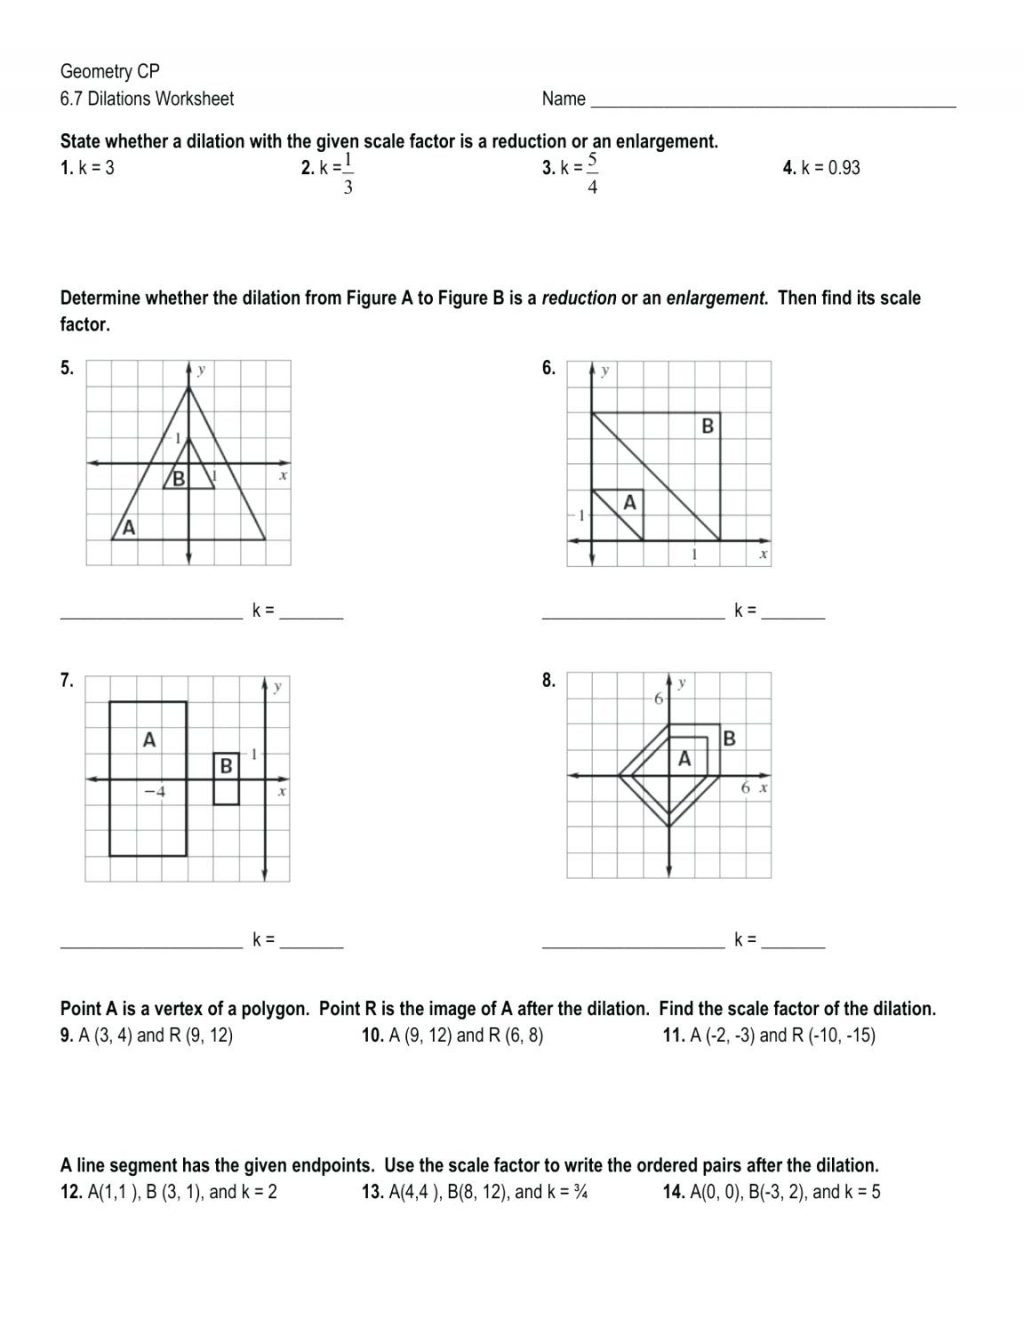 Va Dilations Worksheet Kuta Simple Monohybrid Cross